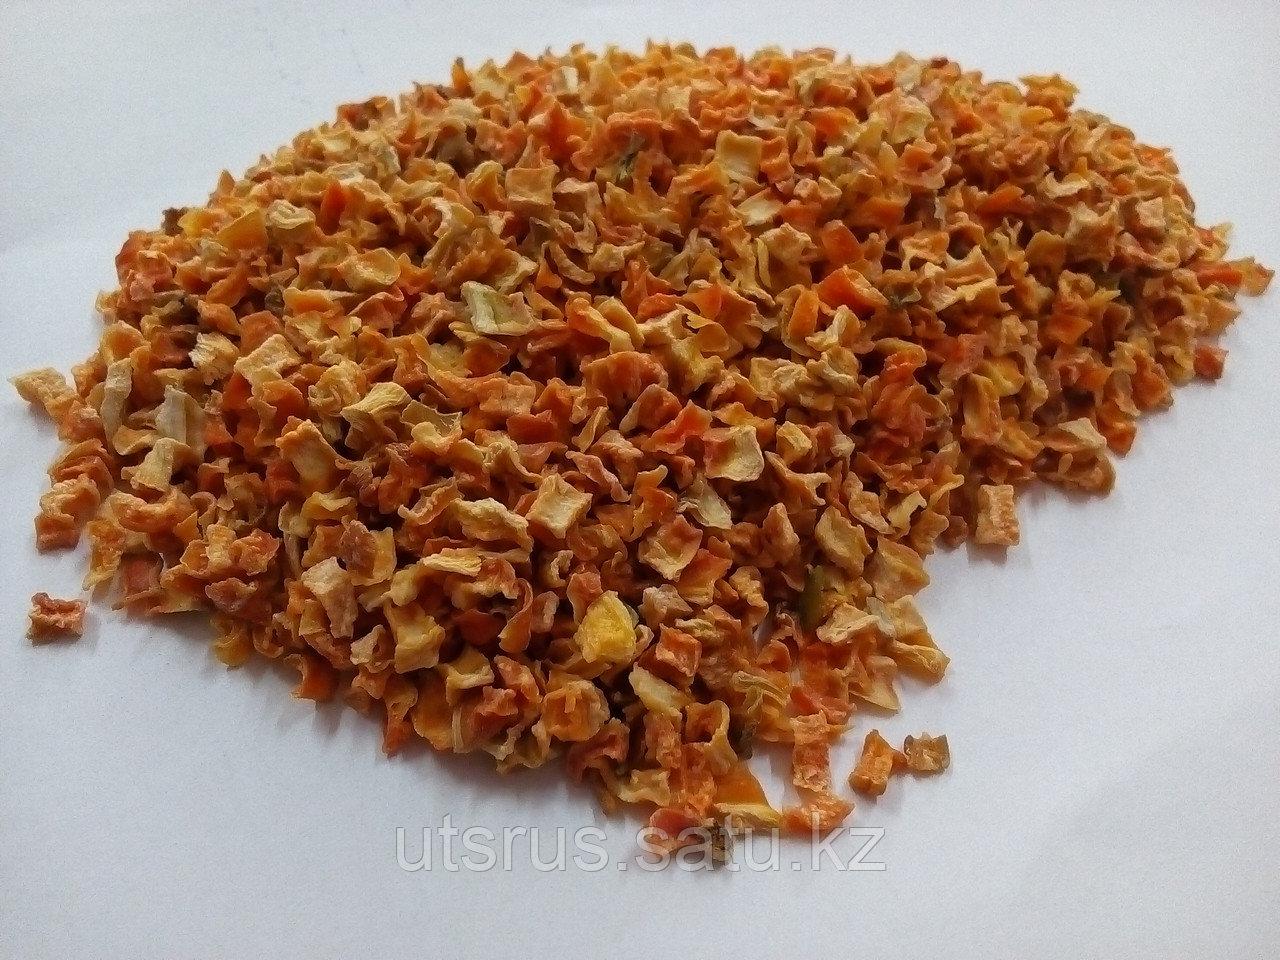 Морковь сушенная - фото 1